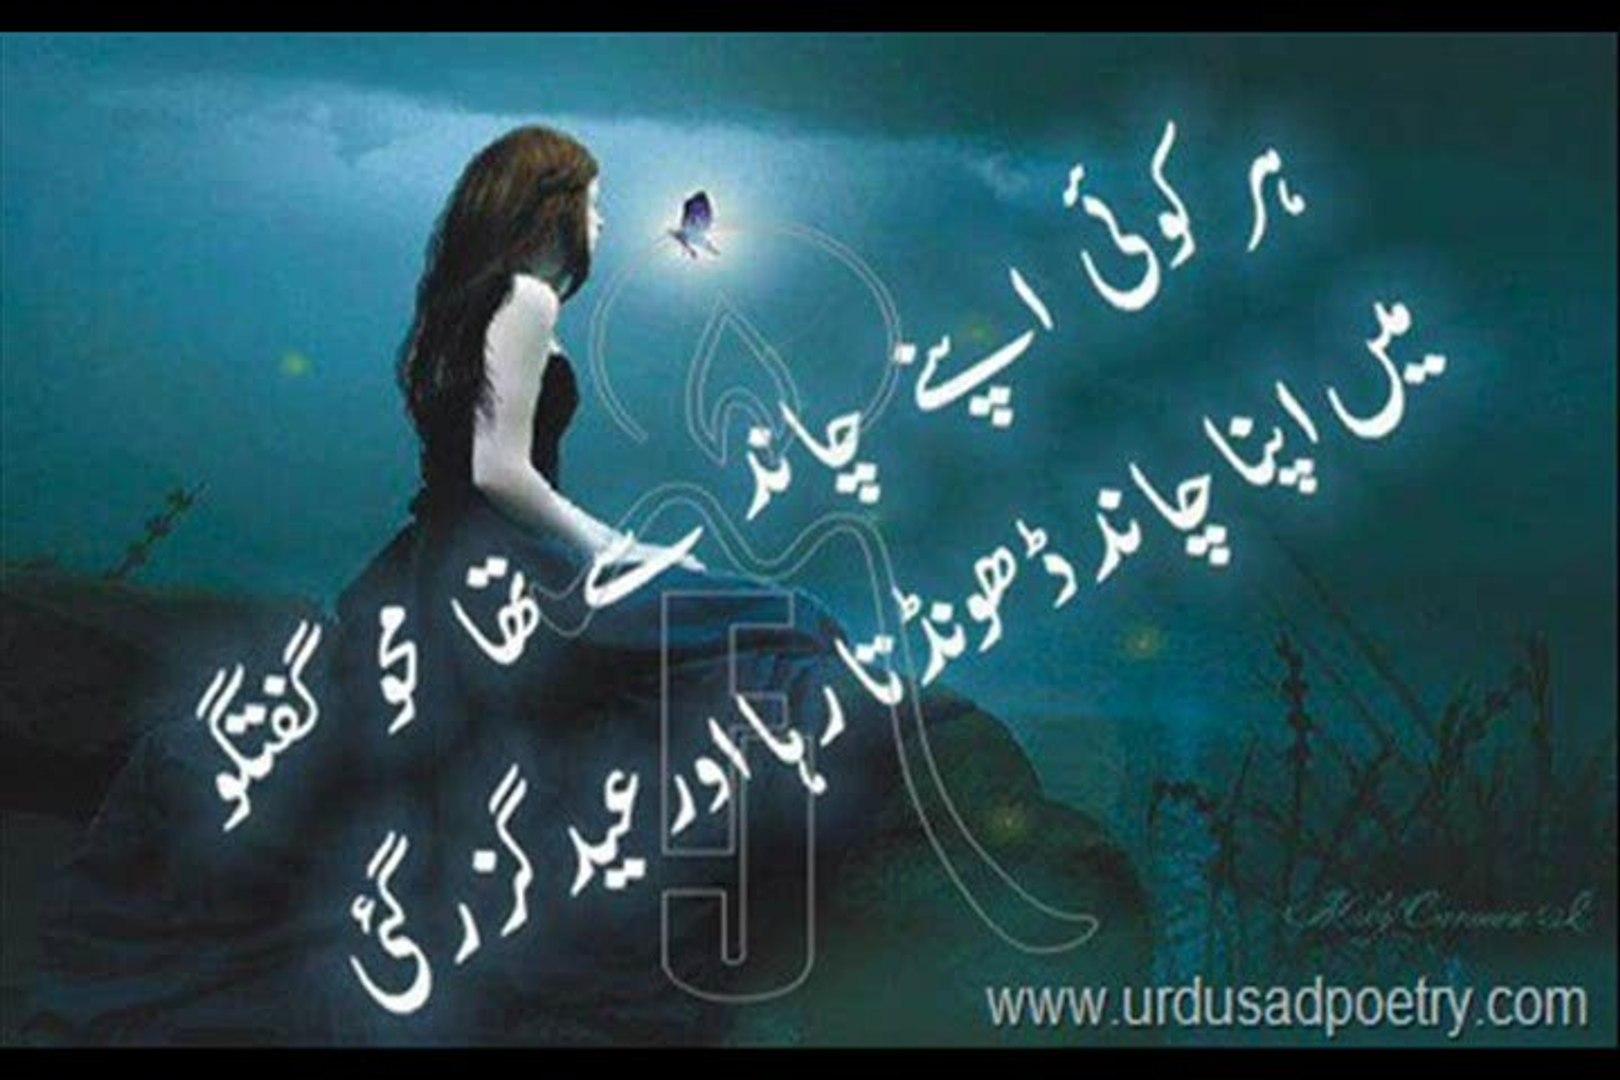 sad song mare dastan hasrat wo sona sona k roe sad song